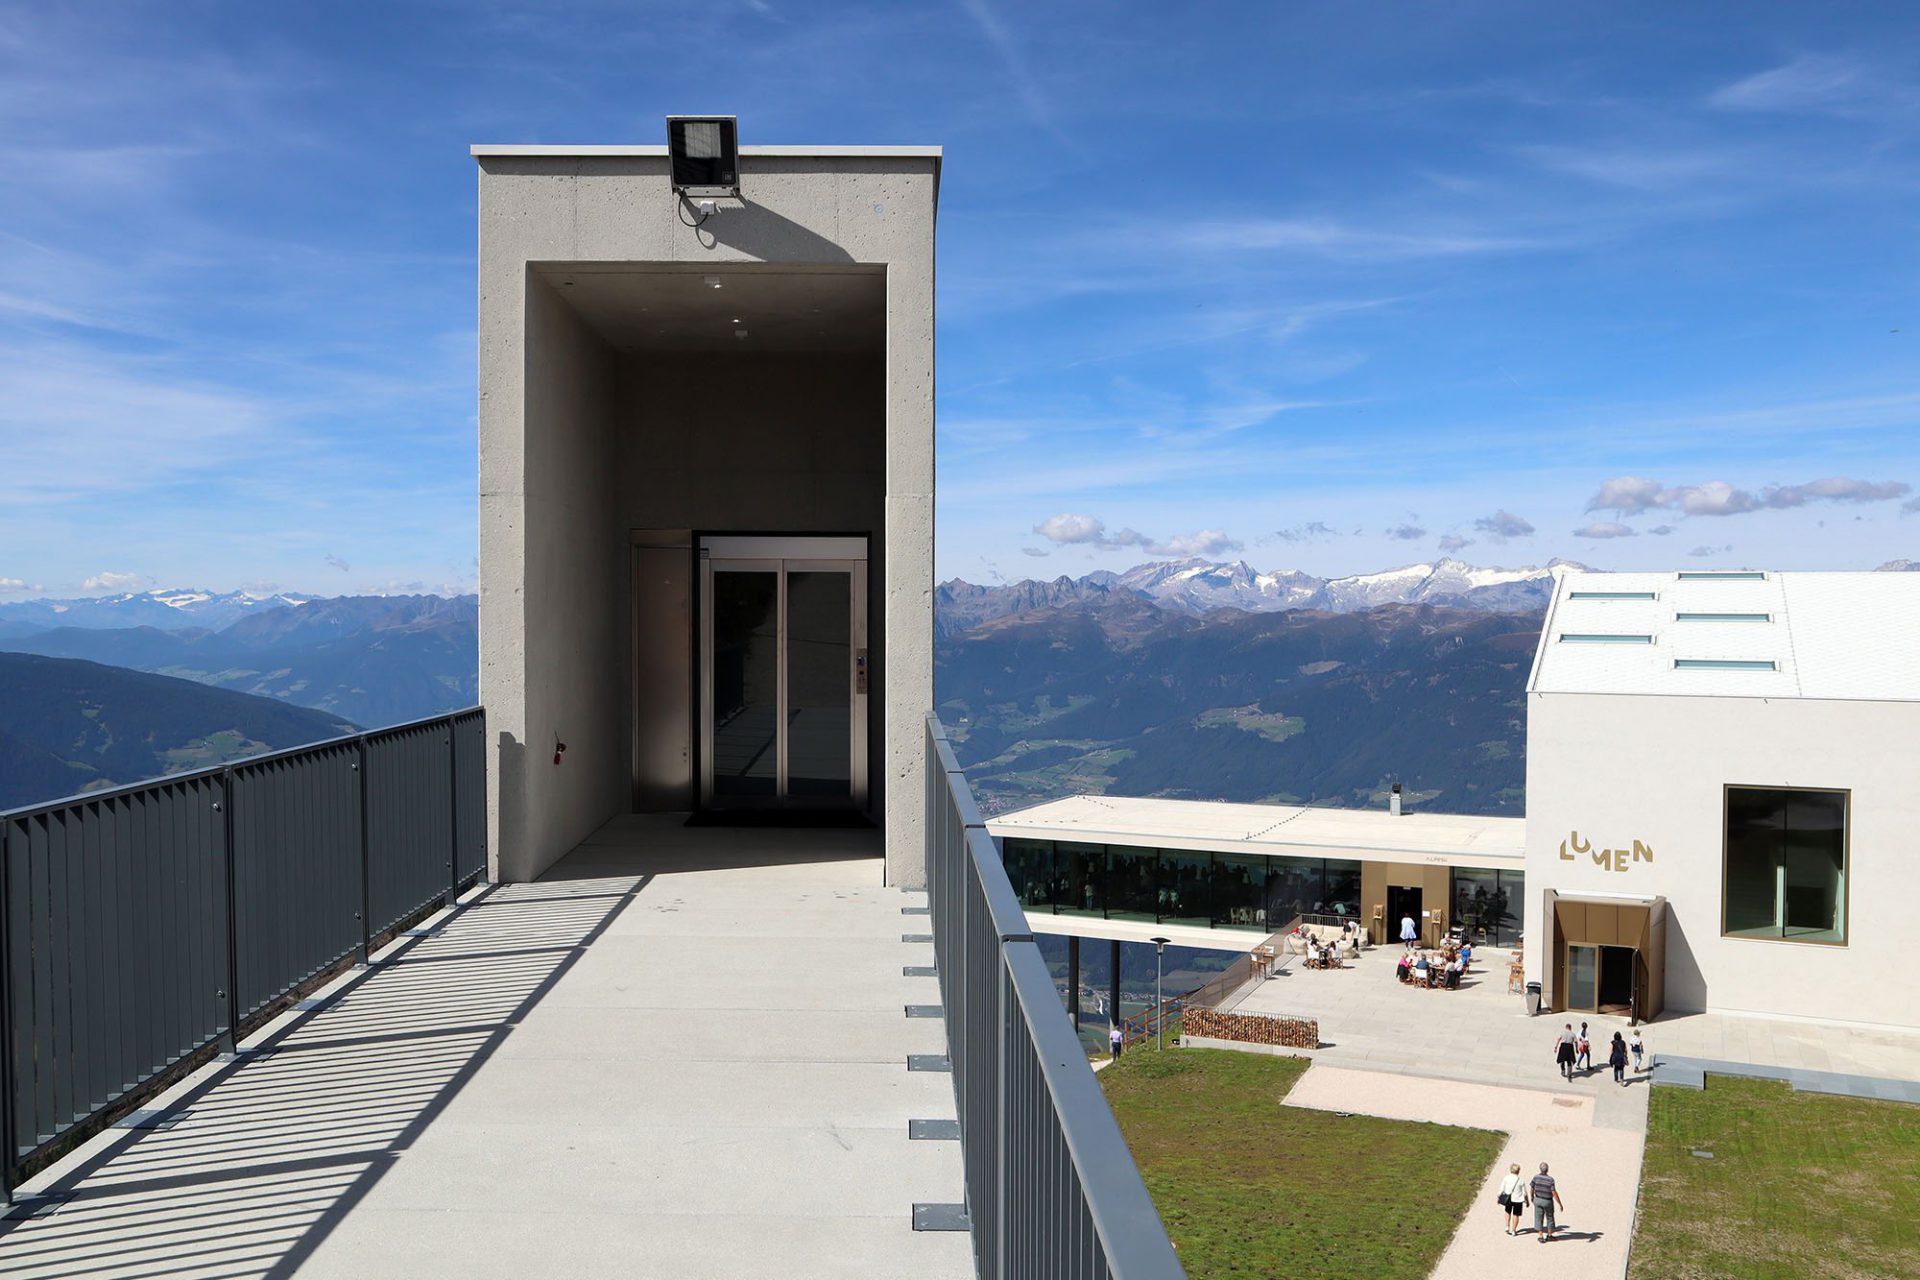 Lumen Museum der Bergfotografie. Auf 1.800 Quadratmeter und vier Etagen zeigt das Museum die Fotografie der Berge – von der Geschichte der Bergfotografie bis hin zur Gegenwart sowie Wechselausstellungen, die das Thema aufgreifen.